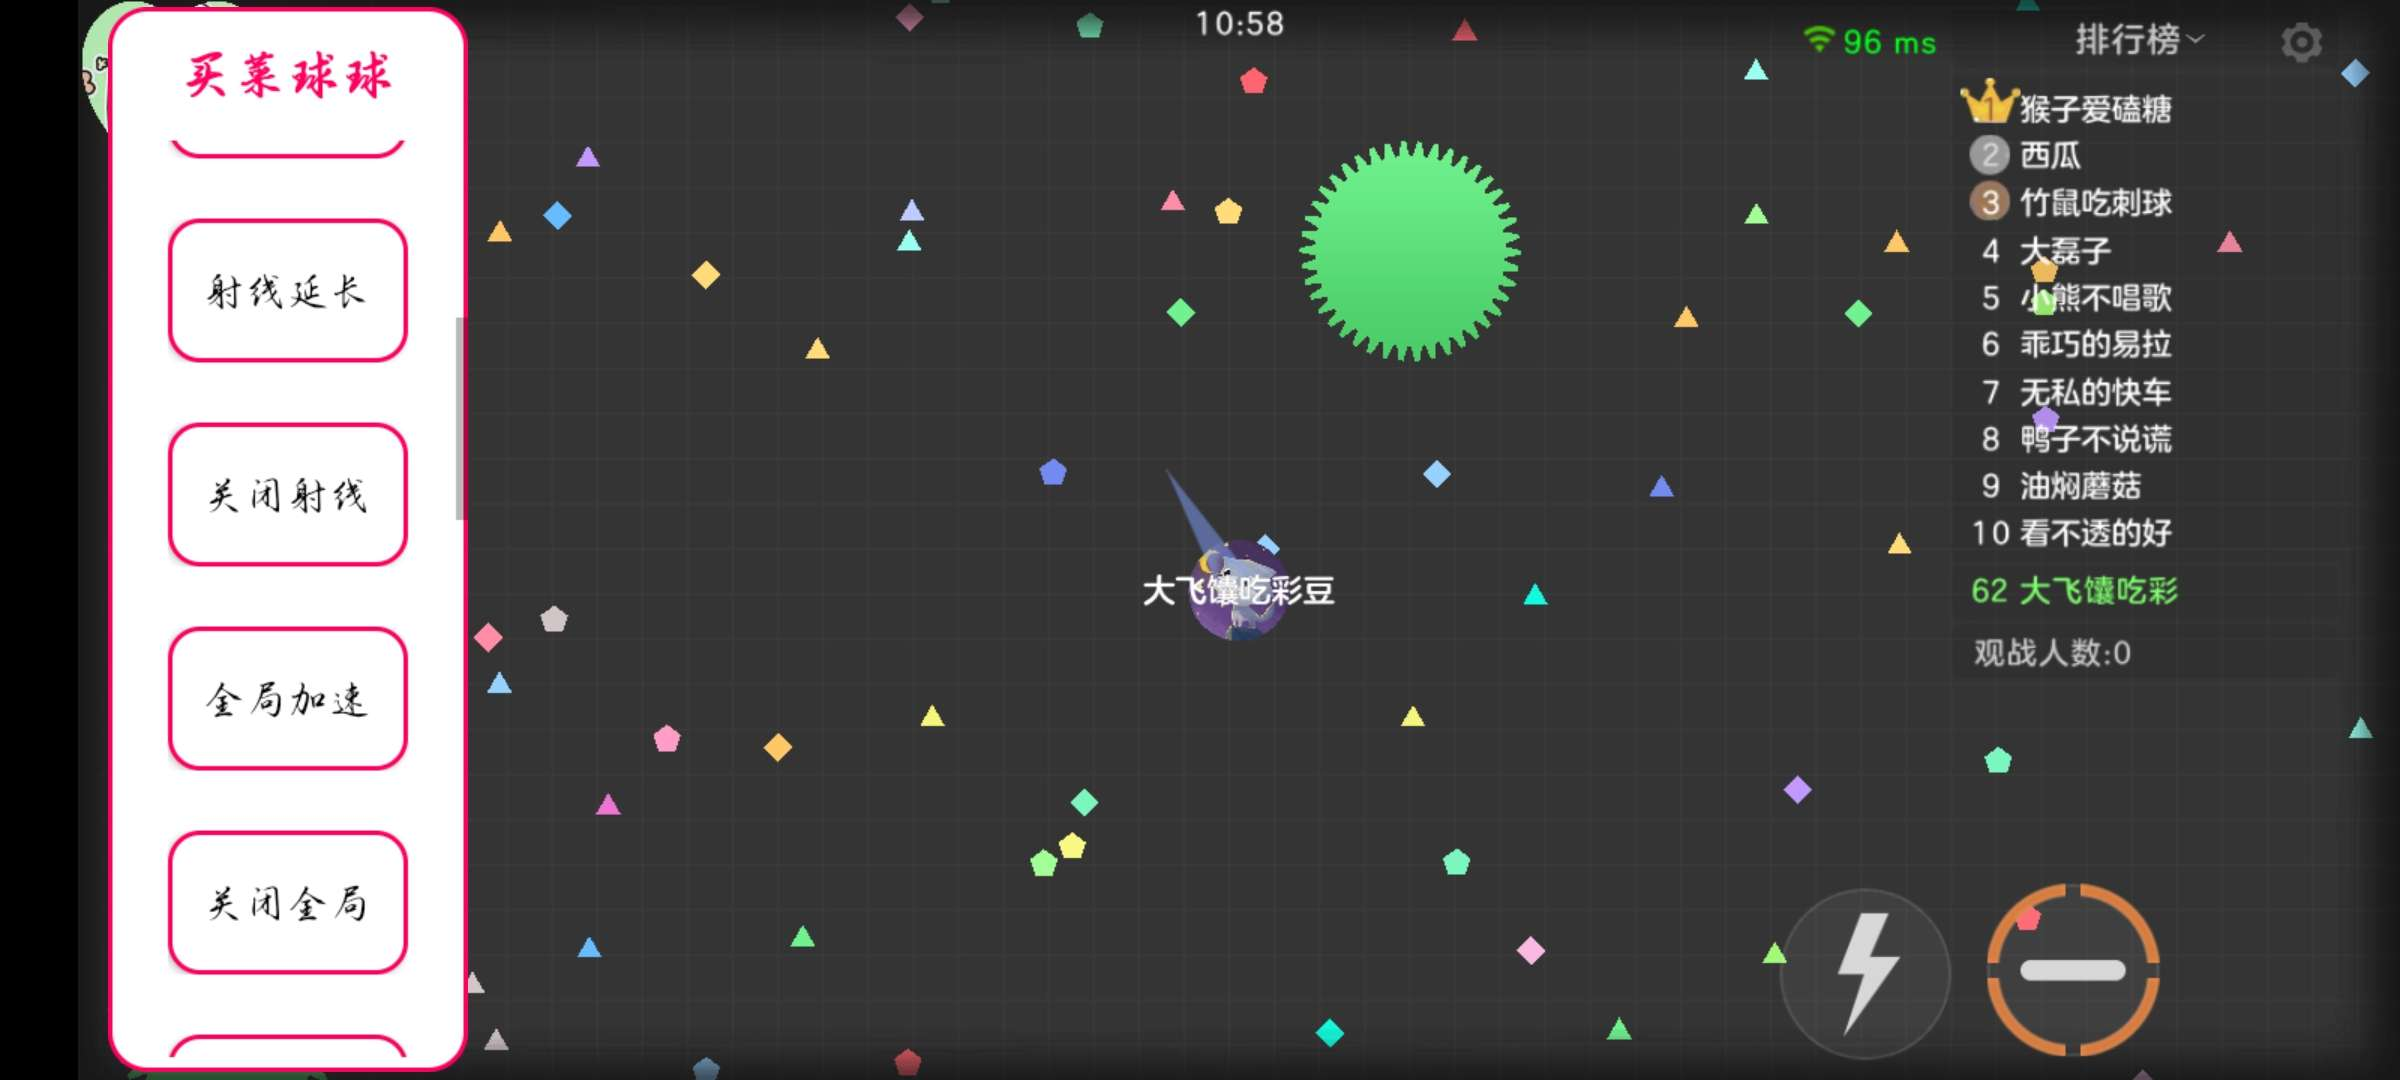 『单机游戏』-球球大作战直装2.0